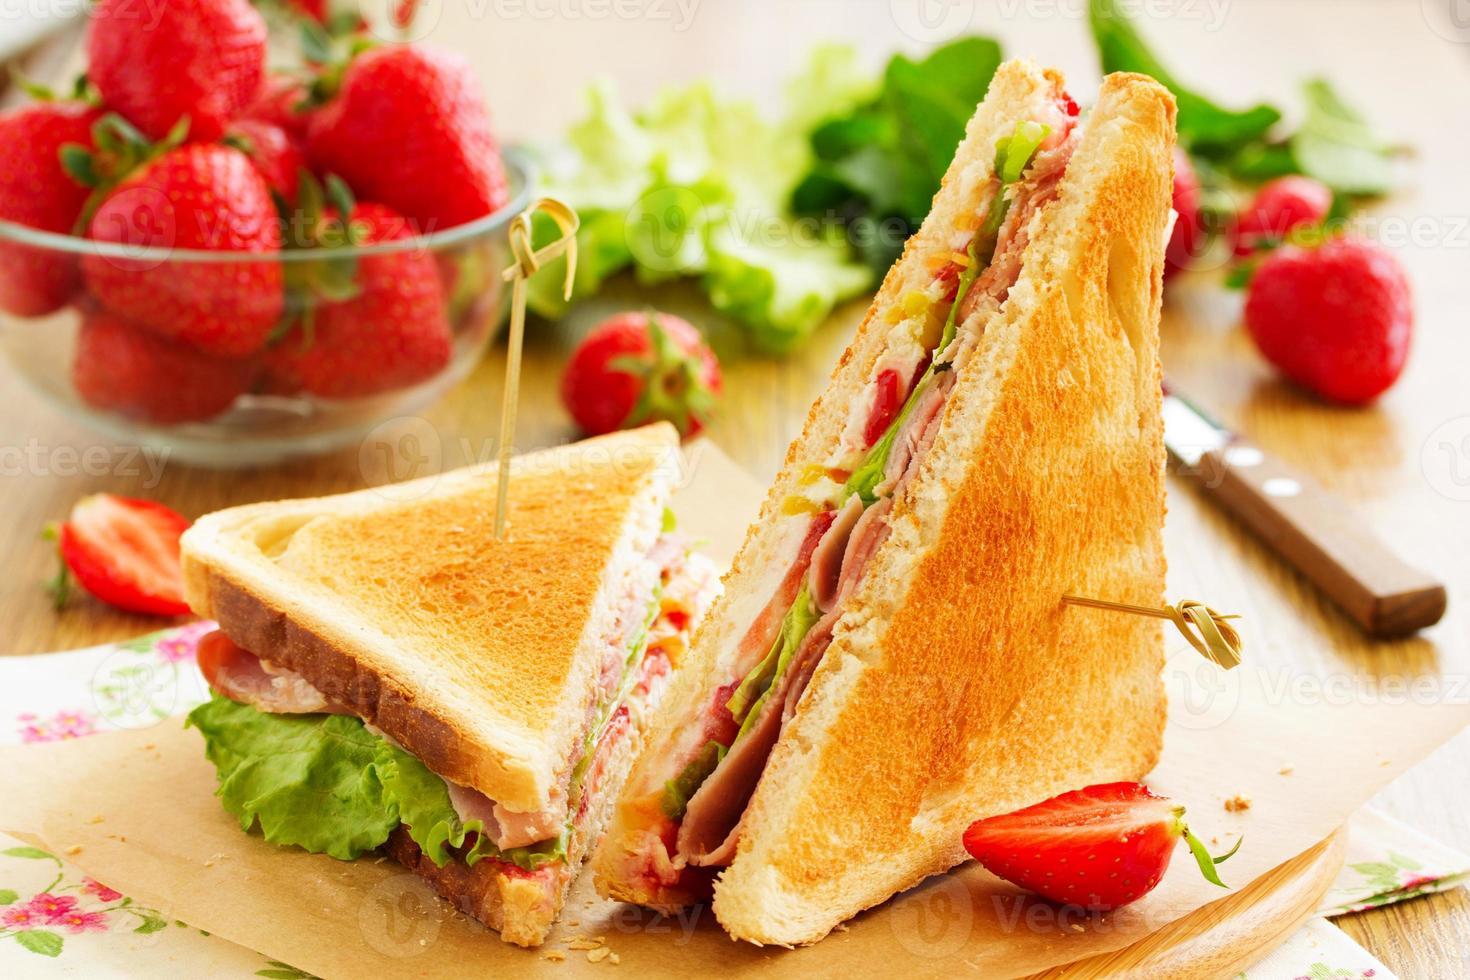 kost Turkiet smörgås och jordgubbar. foto